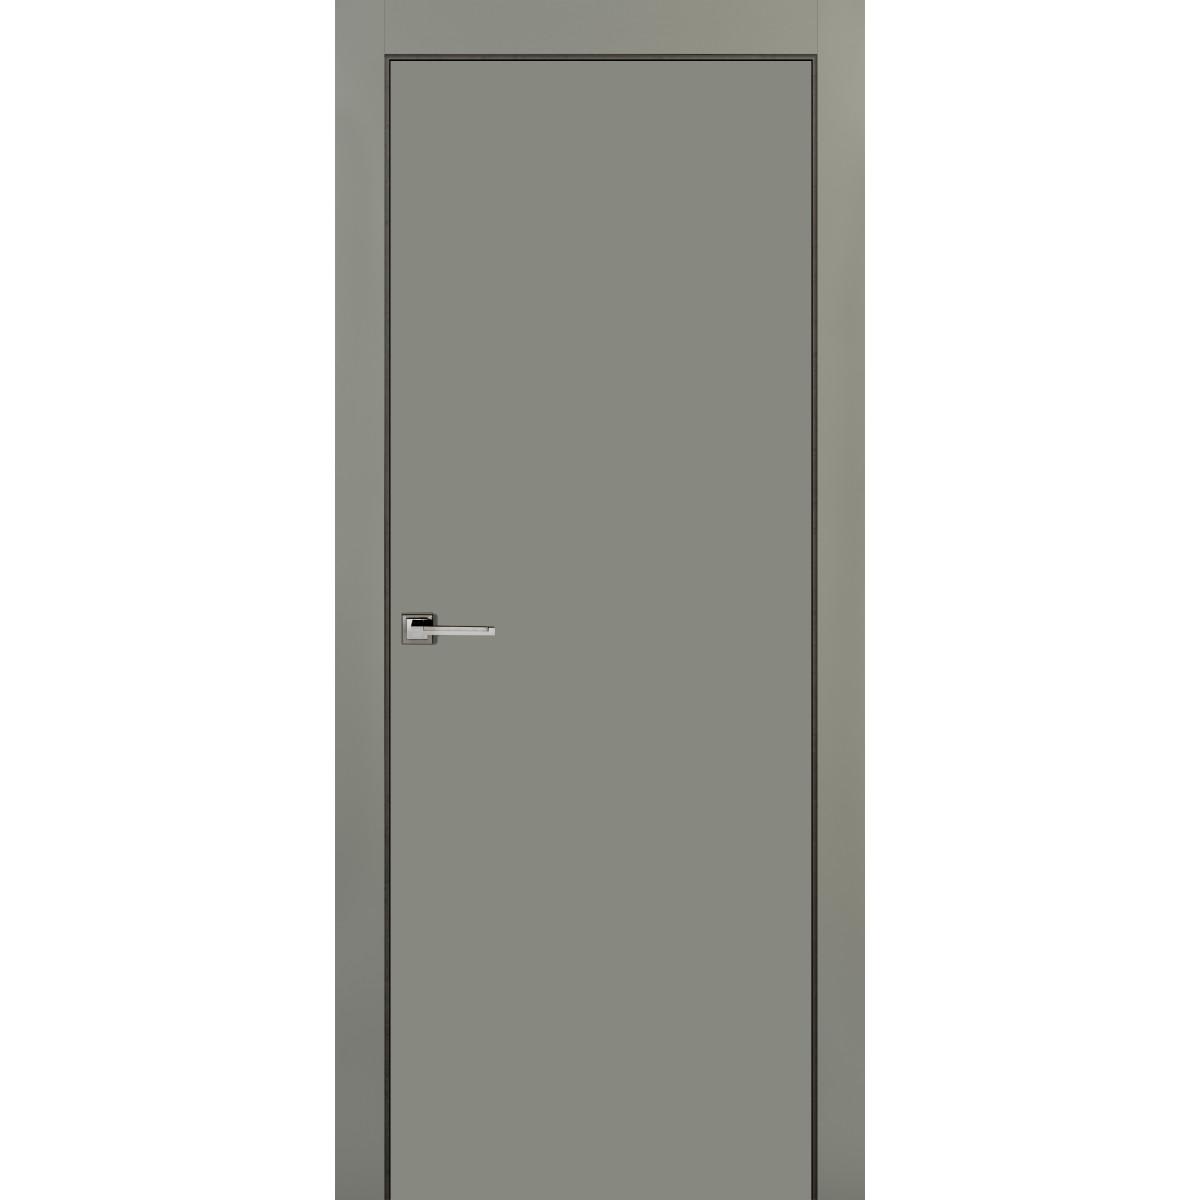 Дверь Межкомнатная Глухая С Замком В Комплекте 200x70 Эмаль Цвет Грей